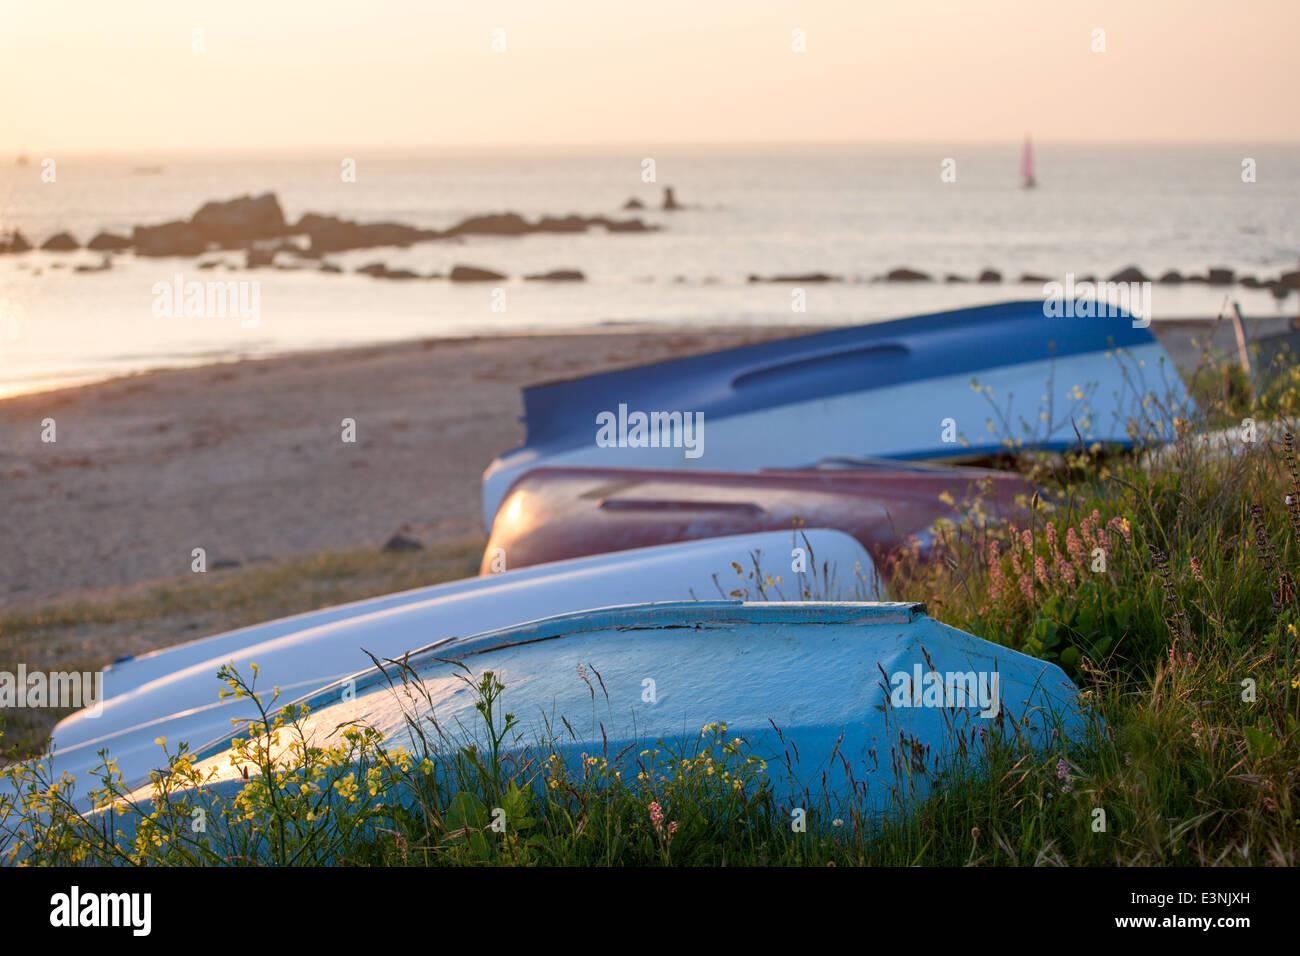 Luce del sole dorato su barche rovesciate Le Grand Havre Guernsey Foto Stock